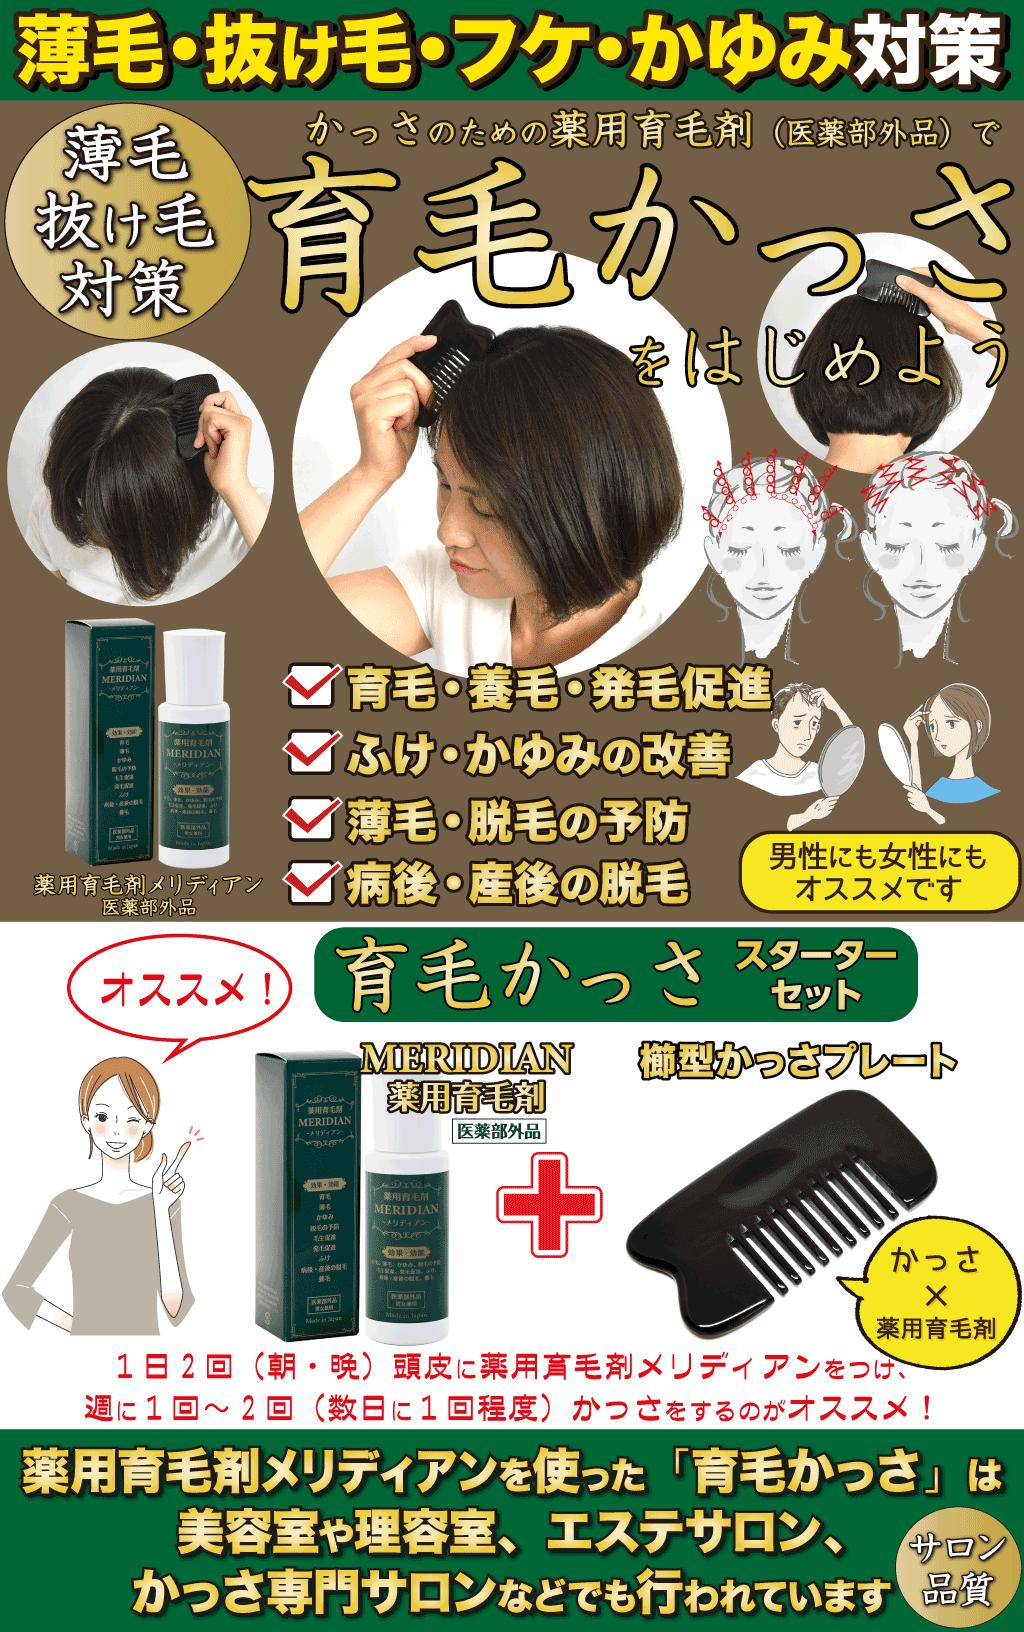 薄毛や抜け毛、頭皮がかゆいなどのお悩みを育毛かっさで対策しよう